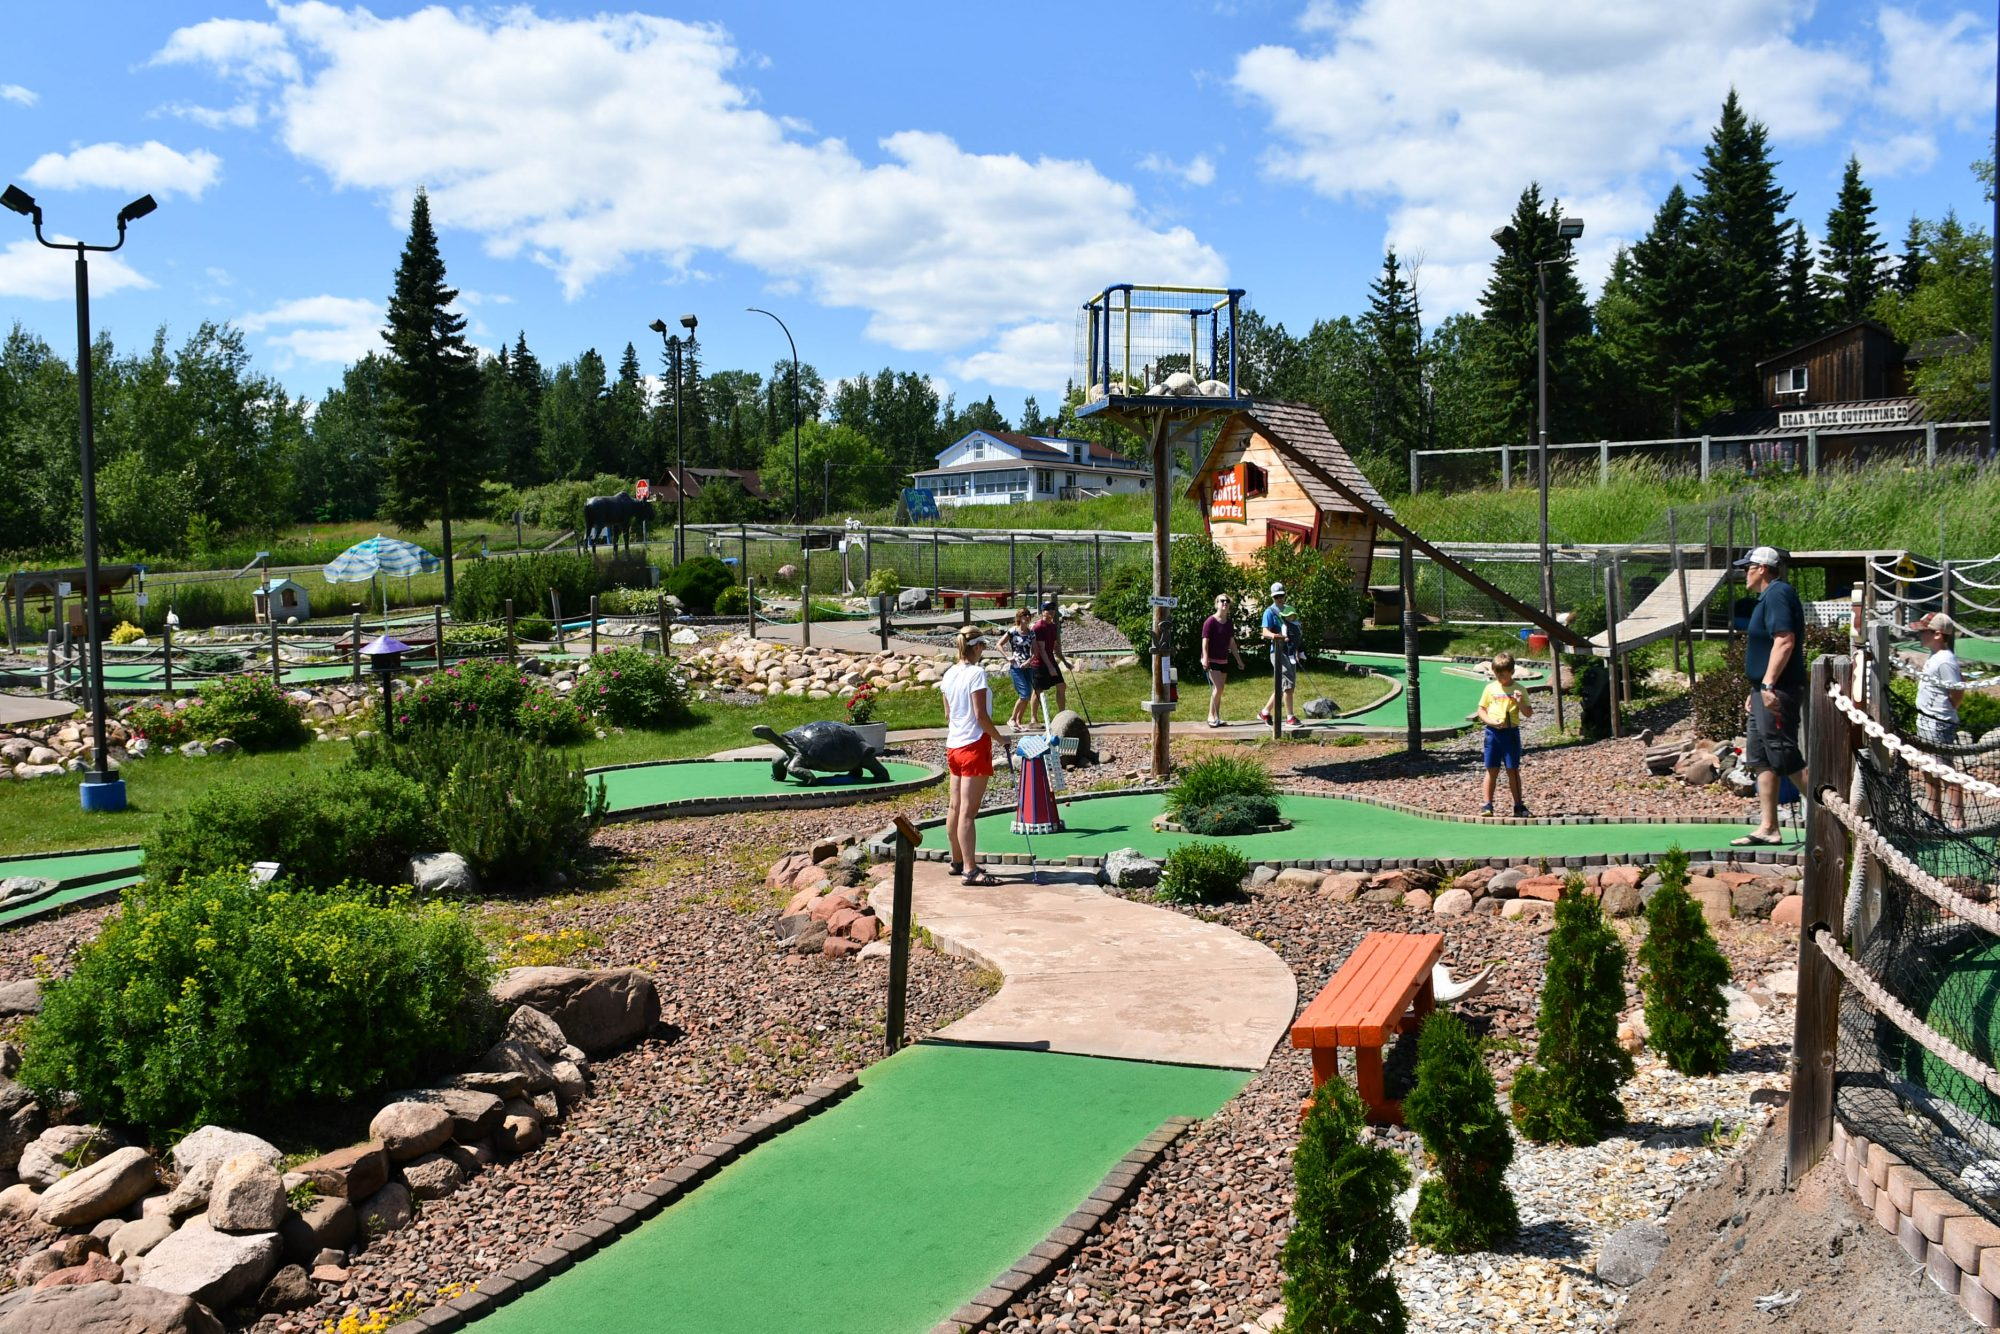 Putt n Pets Mini Golf, Grand Marais, MN